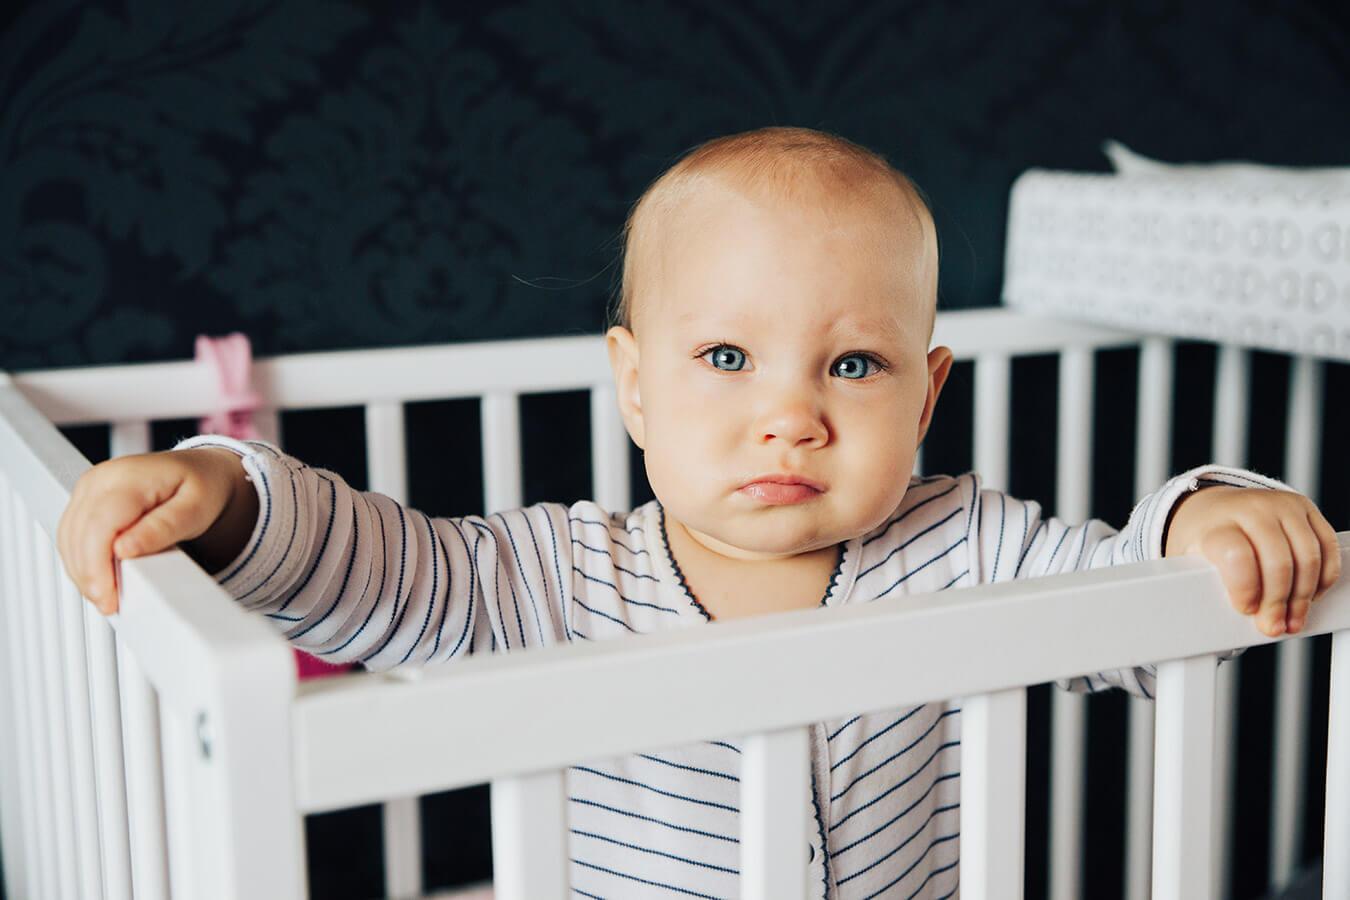 41 tygodniowe dziecko – Jak wygląda 10 miesiąc życia dziecka?